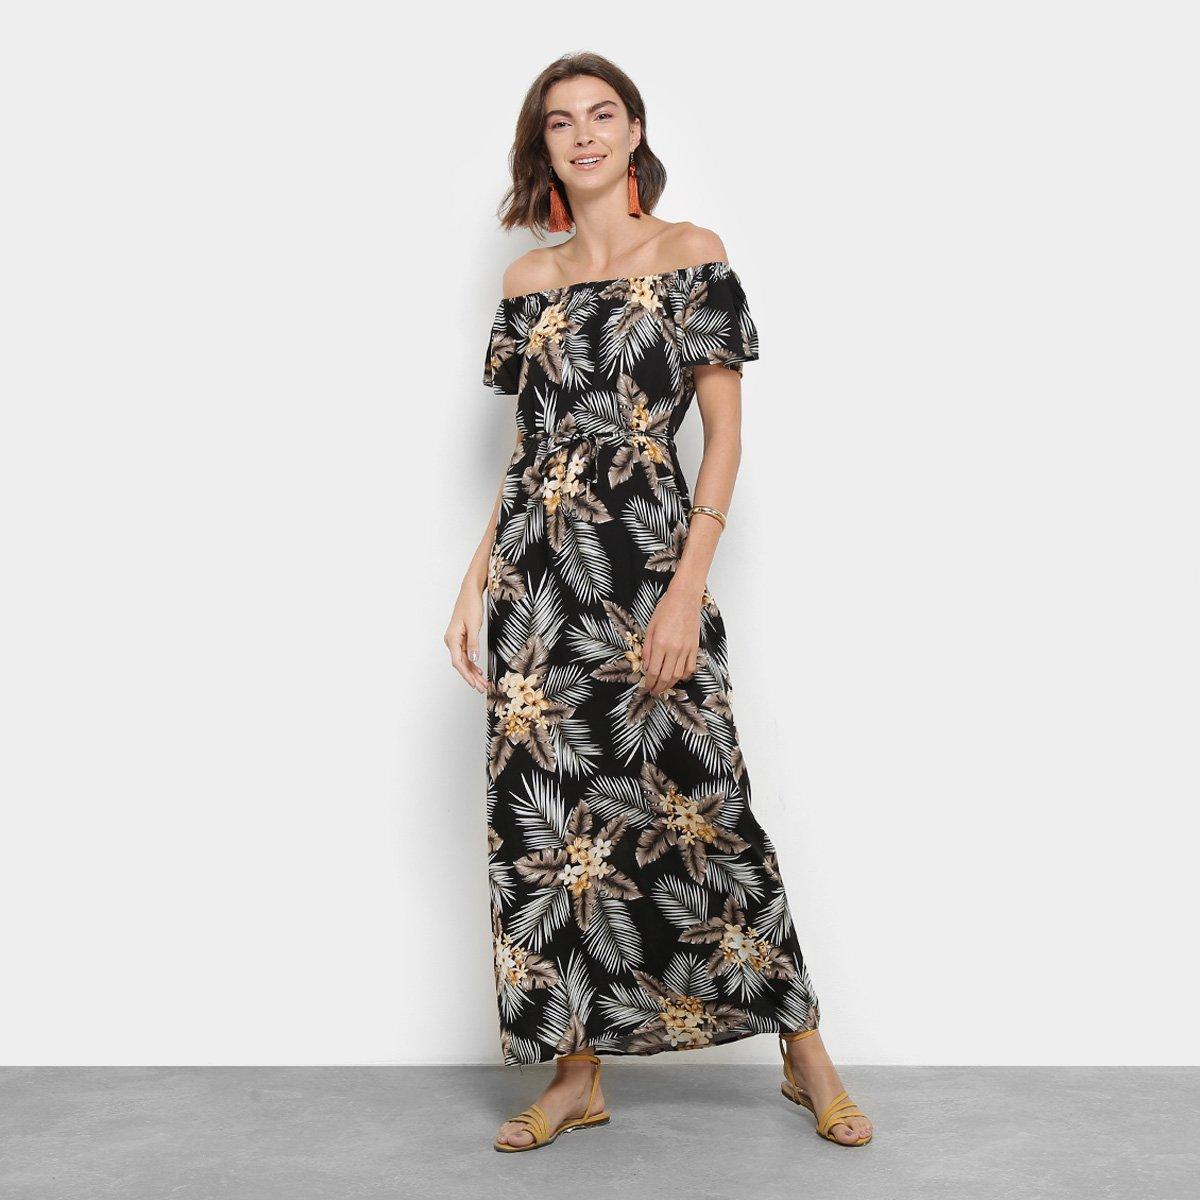 428f47a4e Vestido Longo Ombro a Ombro Top Modas Floral